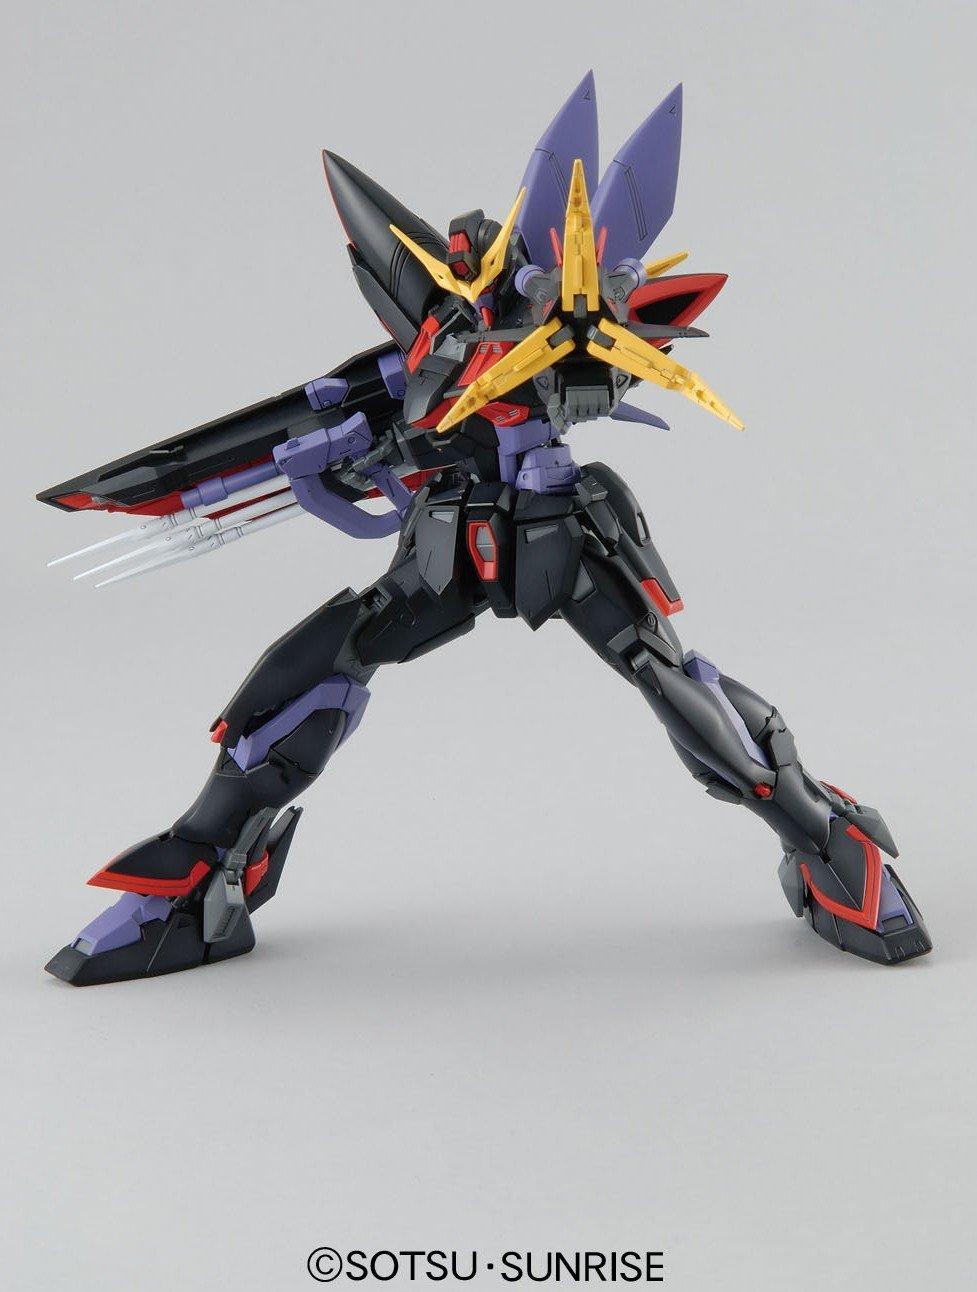 Bandai Hobby Blitz Gundam 1/100, Master Grade by Bandai Hobby (Image #3)